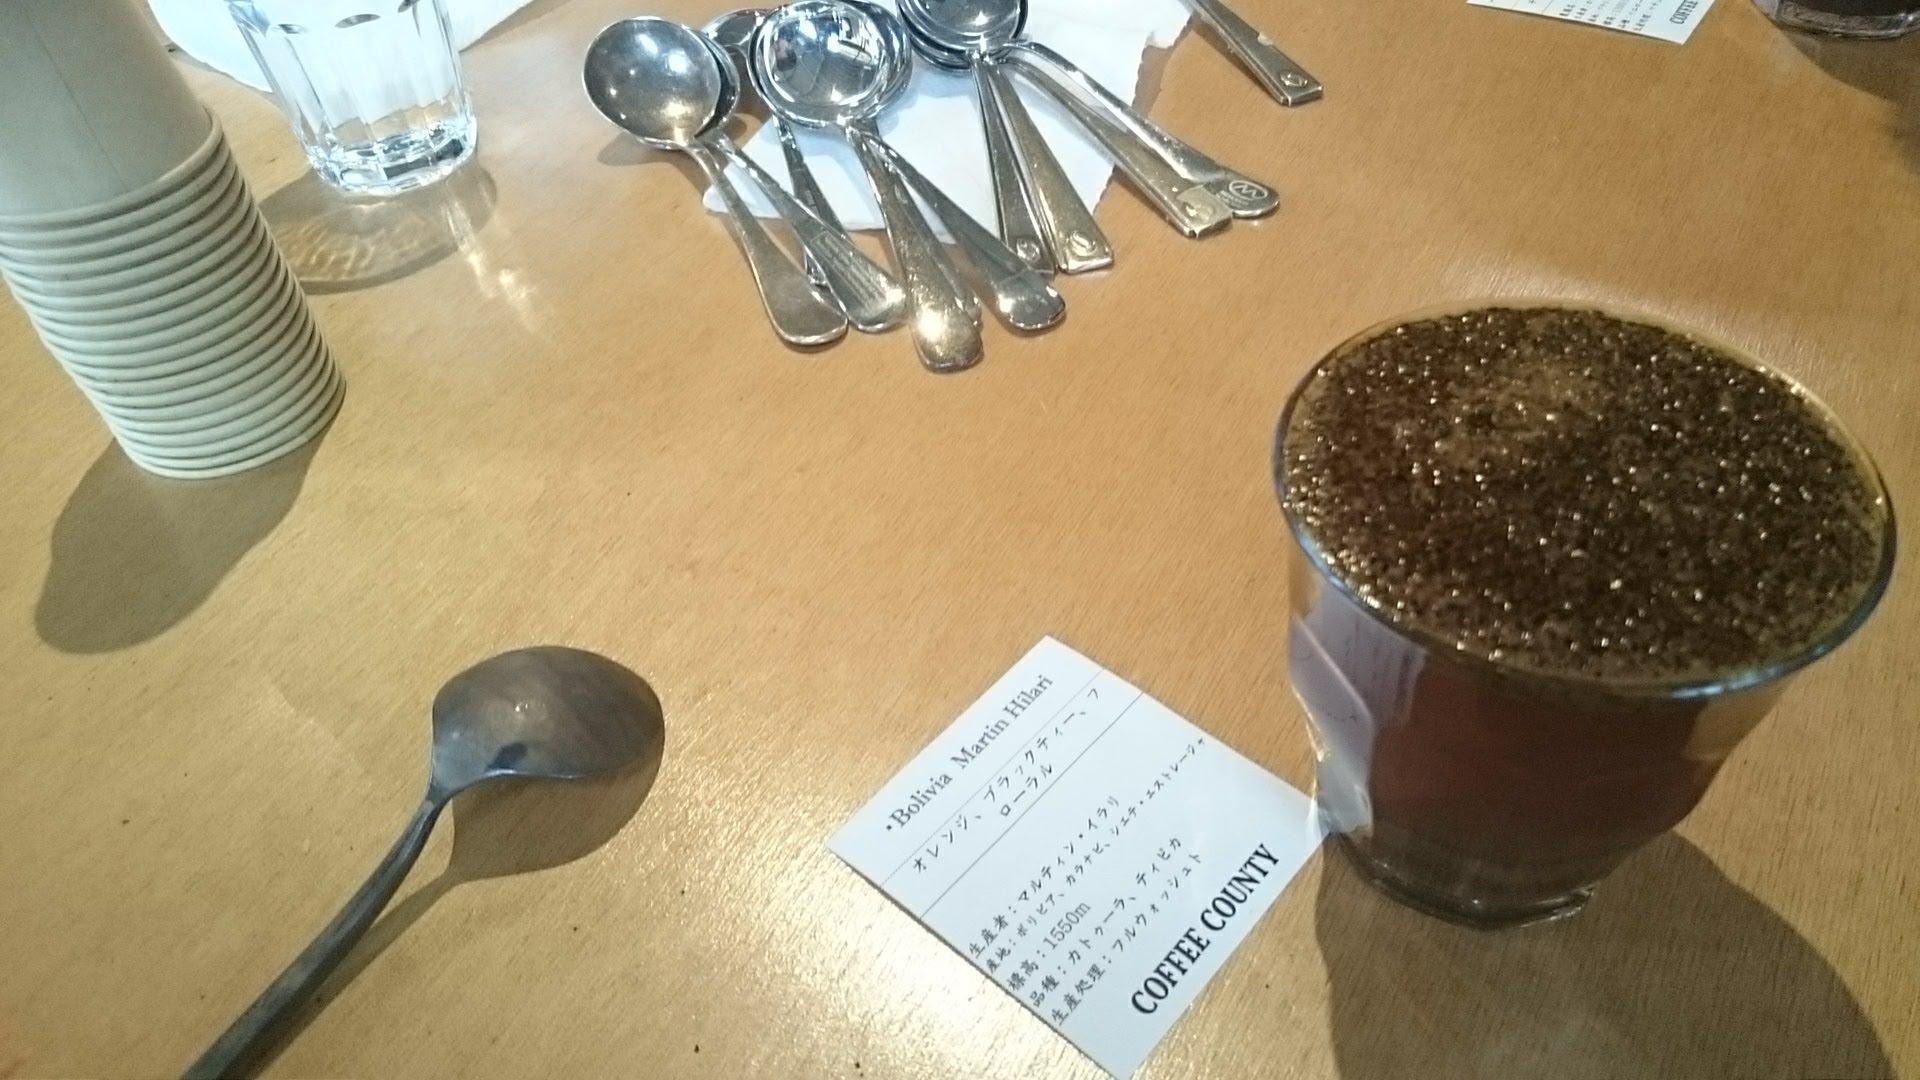 カッピング用コーヒーにお湯が注がれた様子